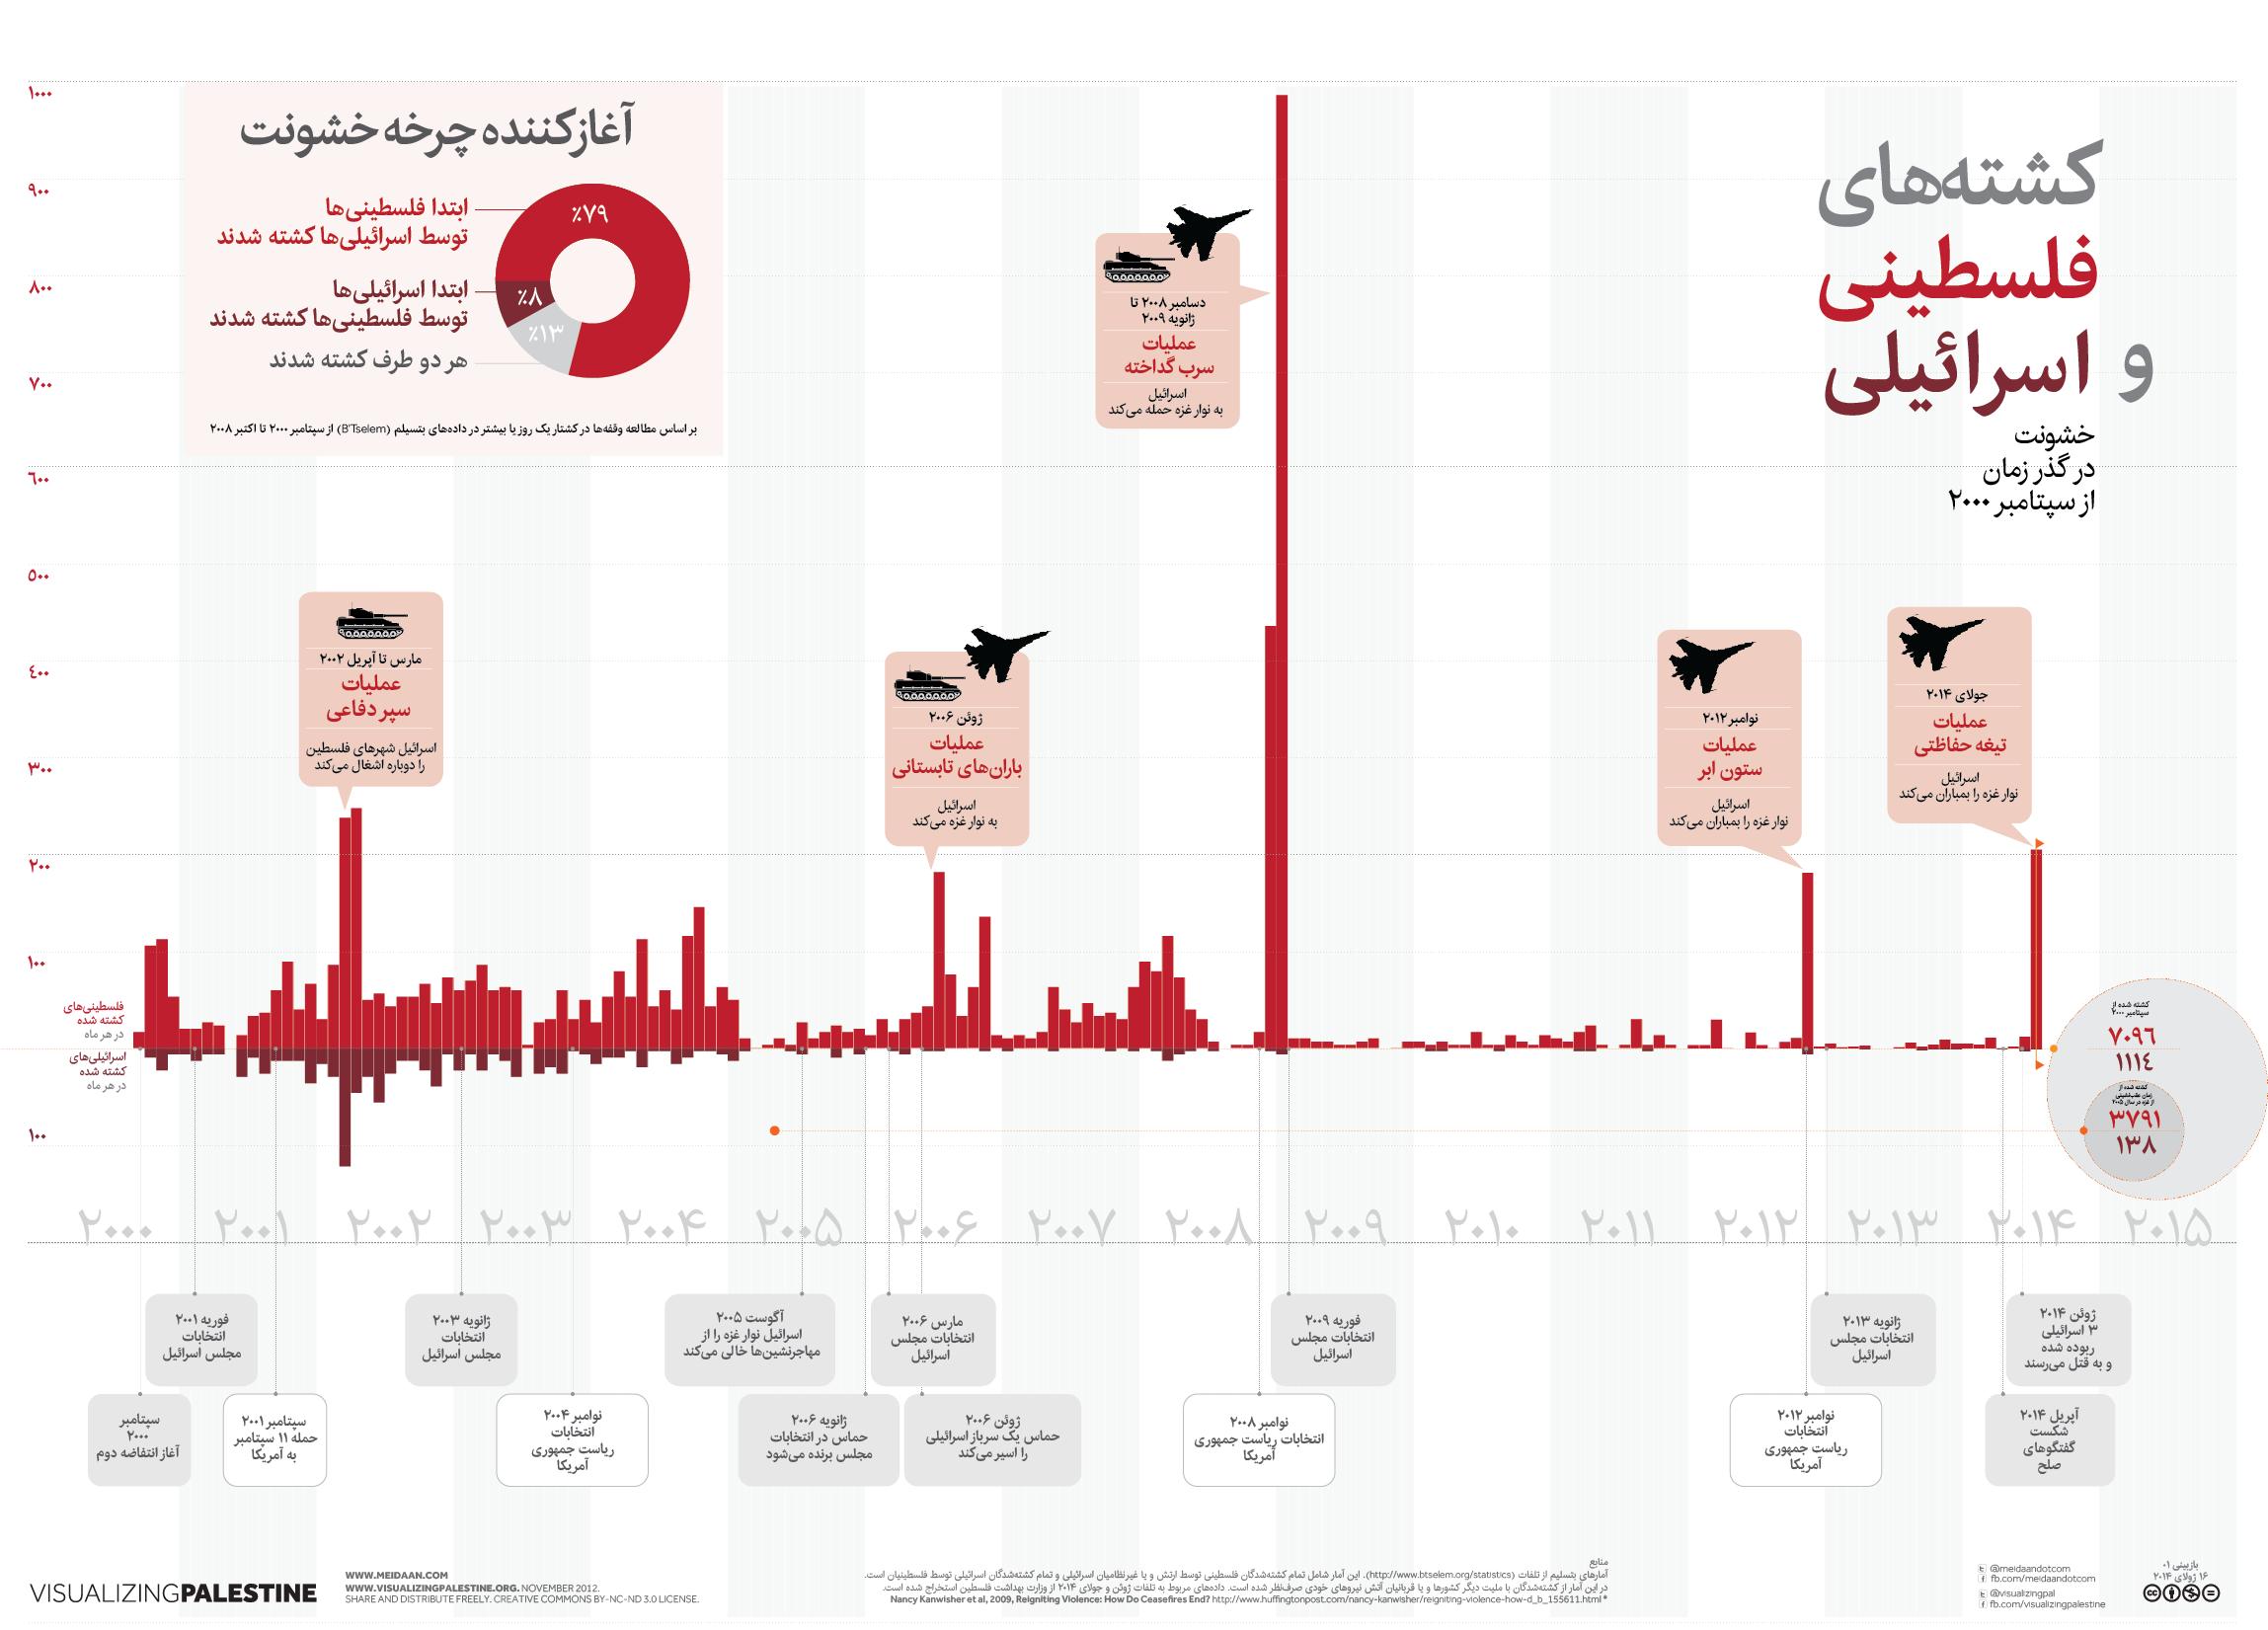 کشتههای فلسطینی و اسرائیلی